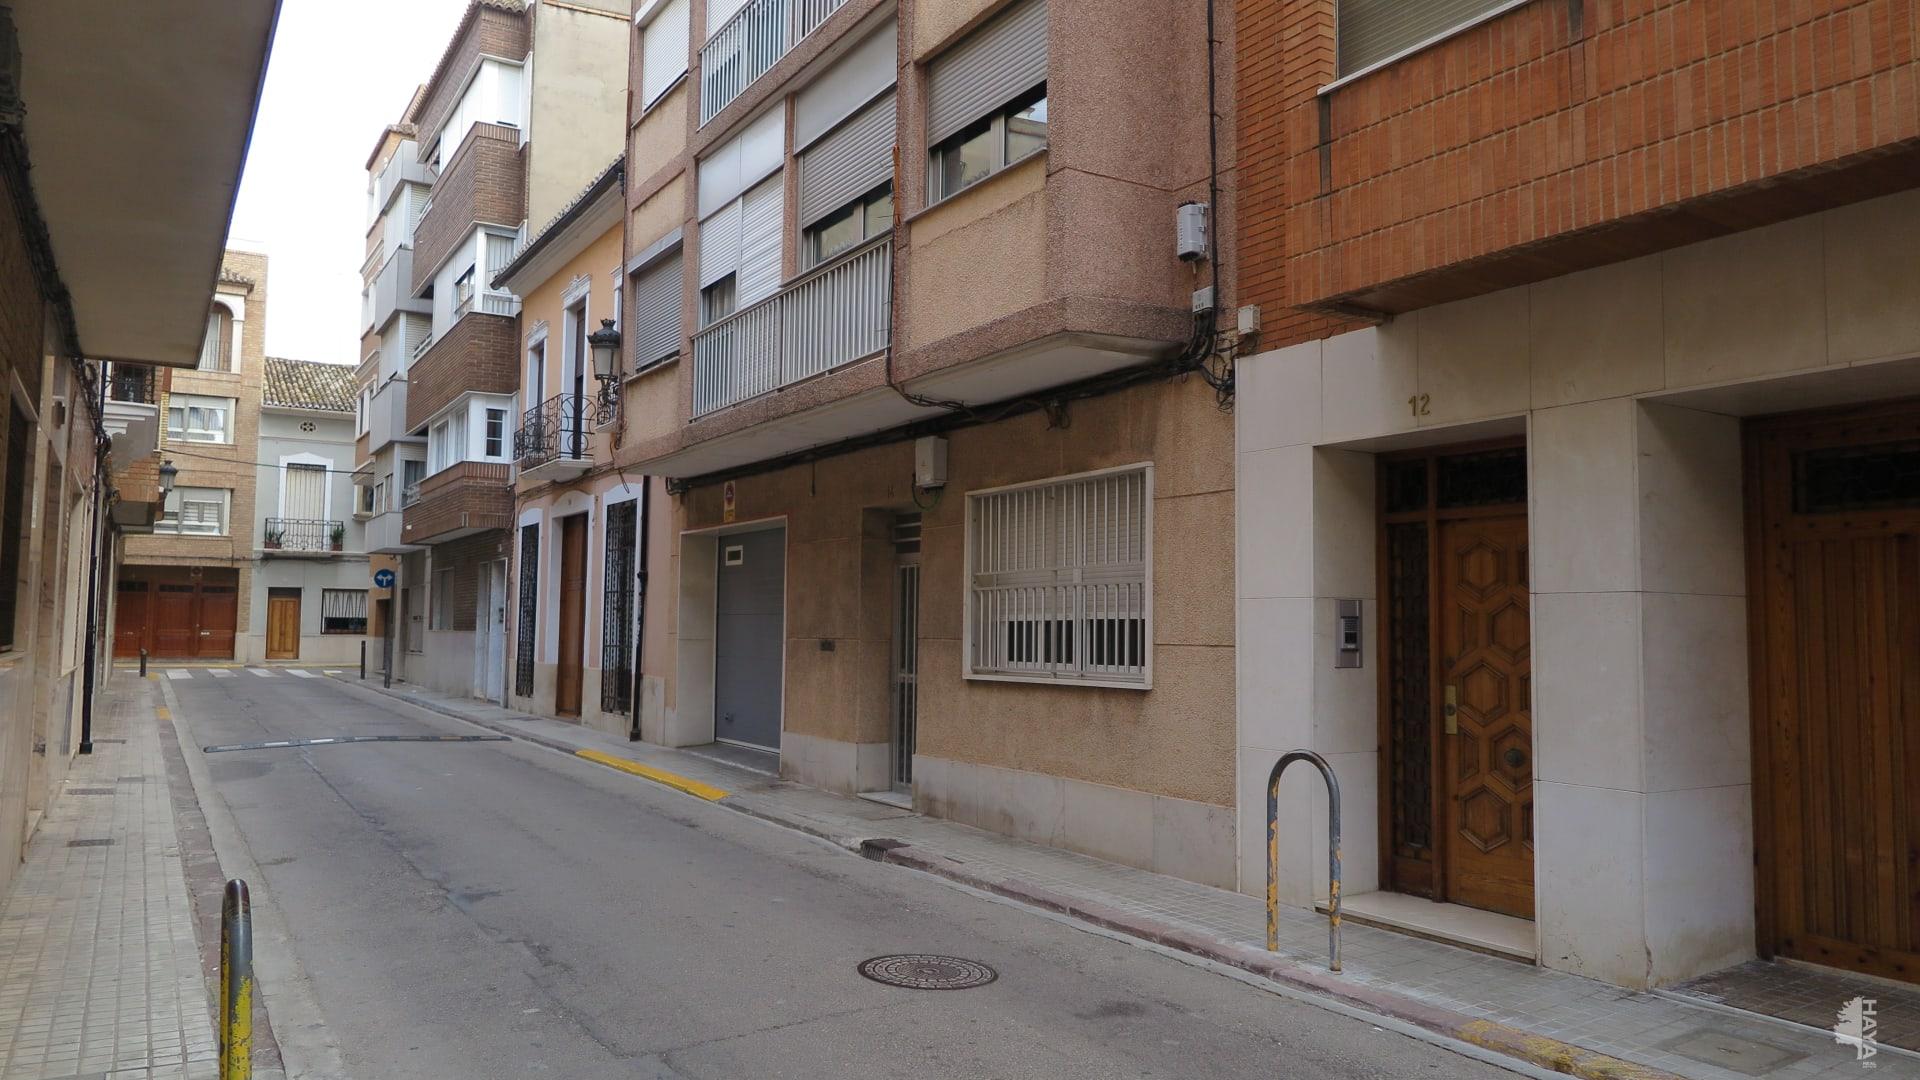 Piso en venta en Montanyeta del Sants, Sueca, Valencia, Calle Sant Roc, 27.000 €, 3 habitaciones, 1 baño, 85 m2